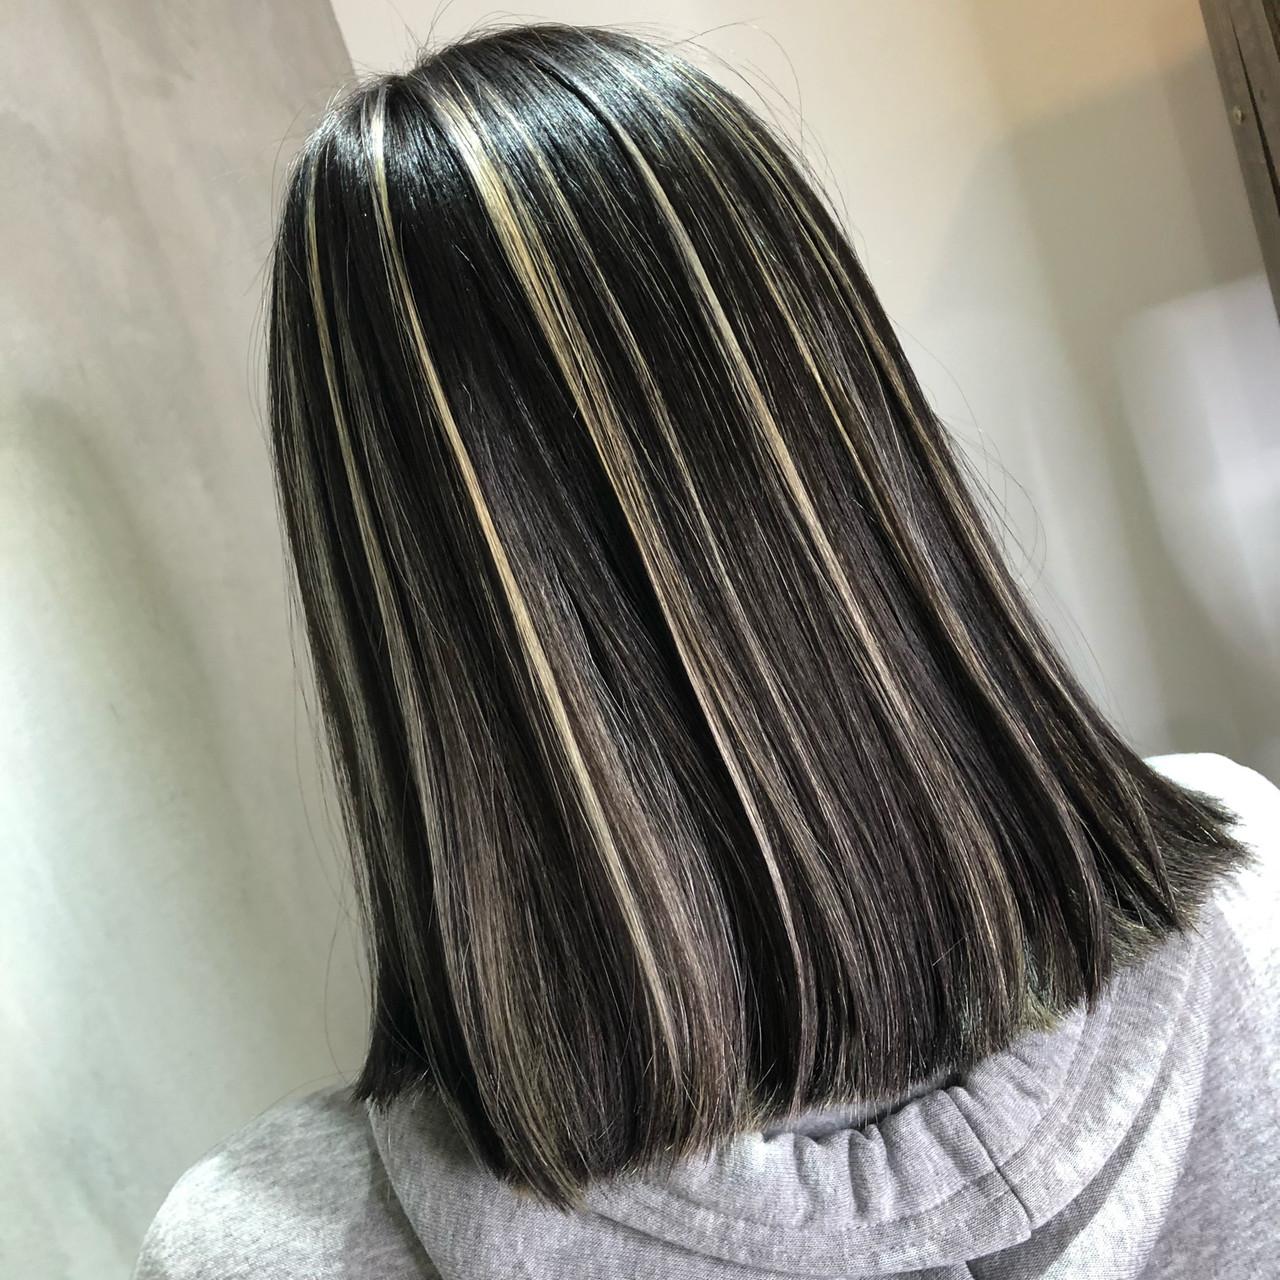 グレー 切りっぱなしボブ 外国人風 ハイライト ヘアスタイルや髪型の写真・画像 | 筒井 隆由 / Hair salon mode